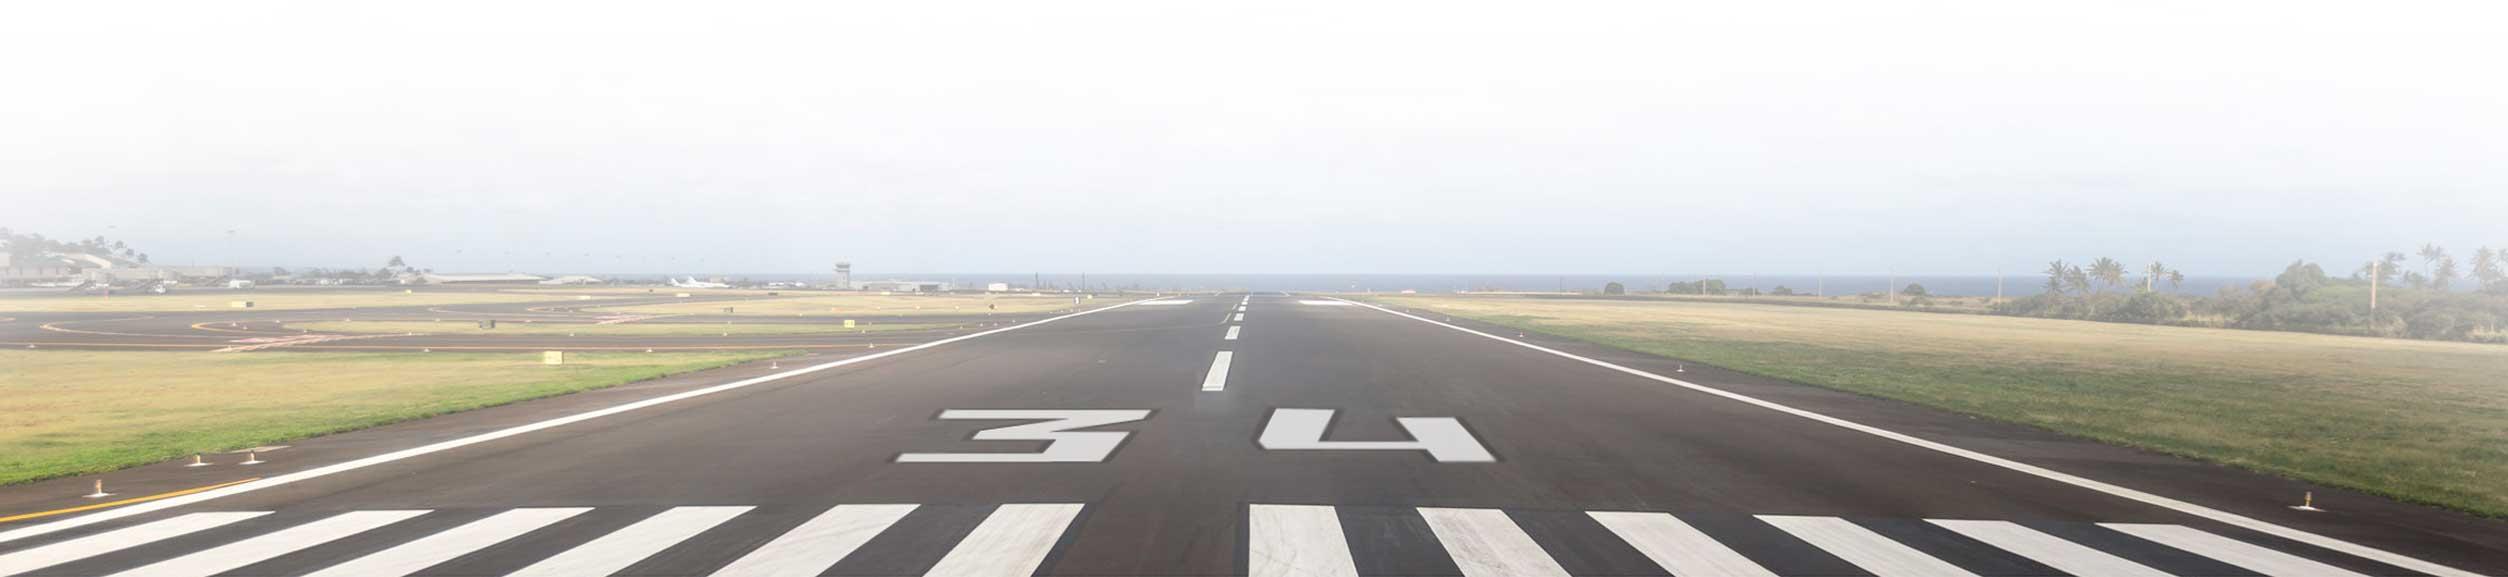 runway 34